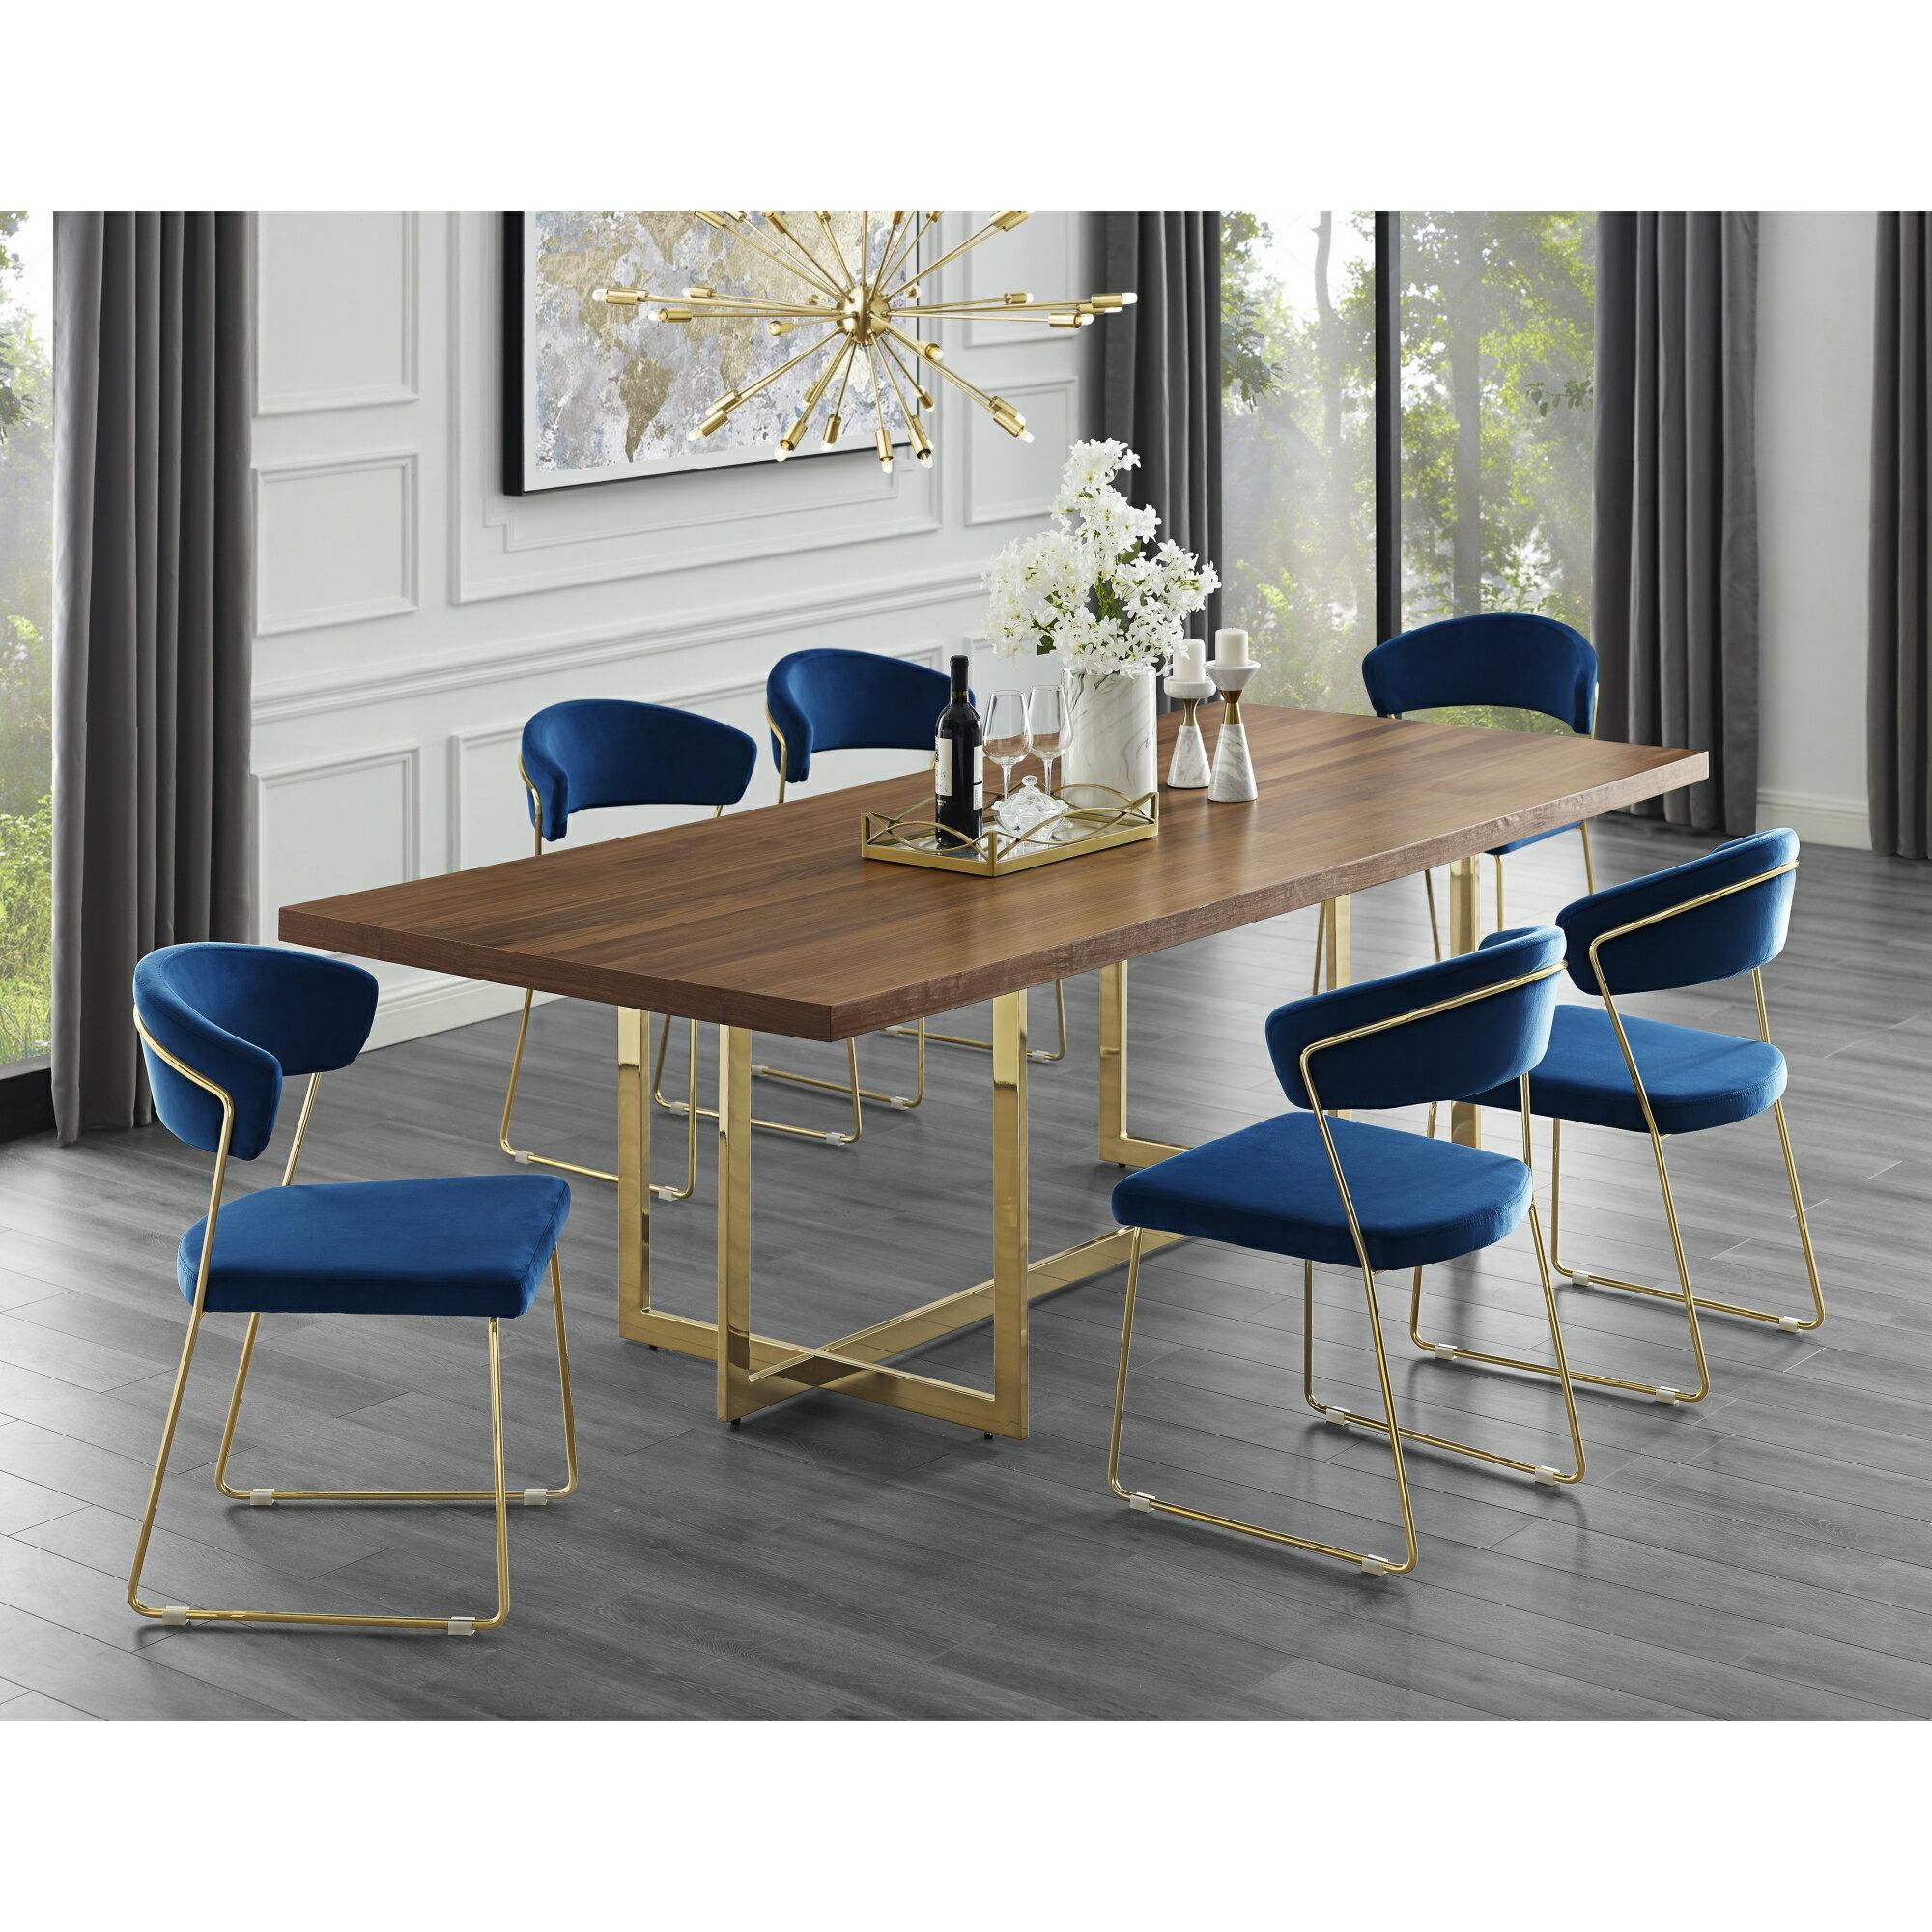 Leif Dining Table 70 94 In Wood Veneer Top Polished Metal Base